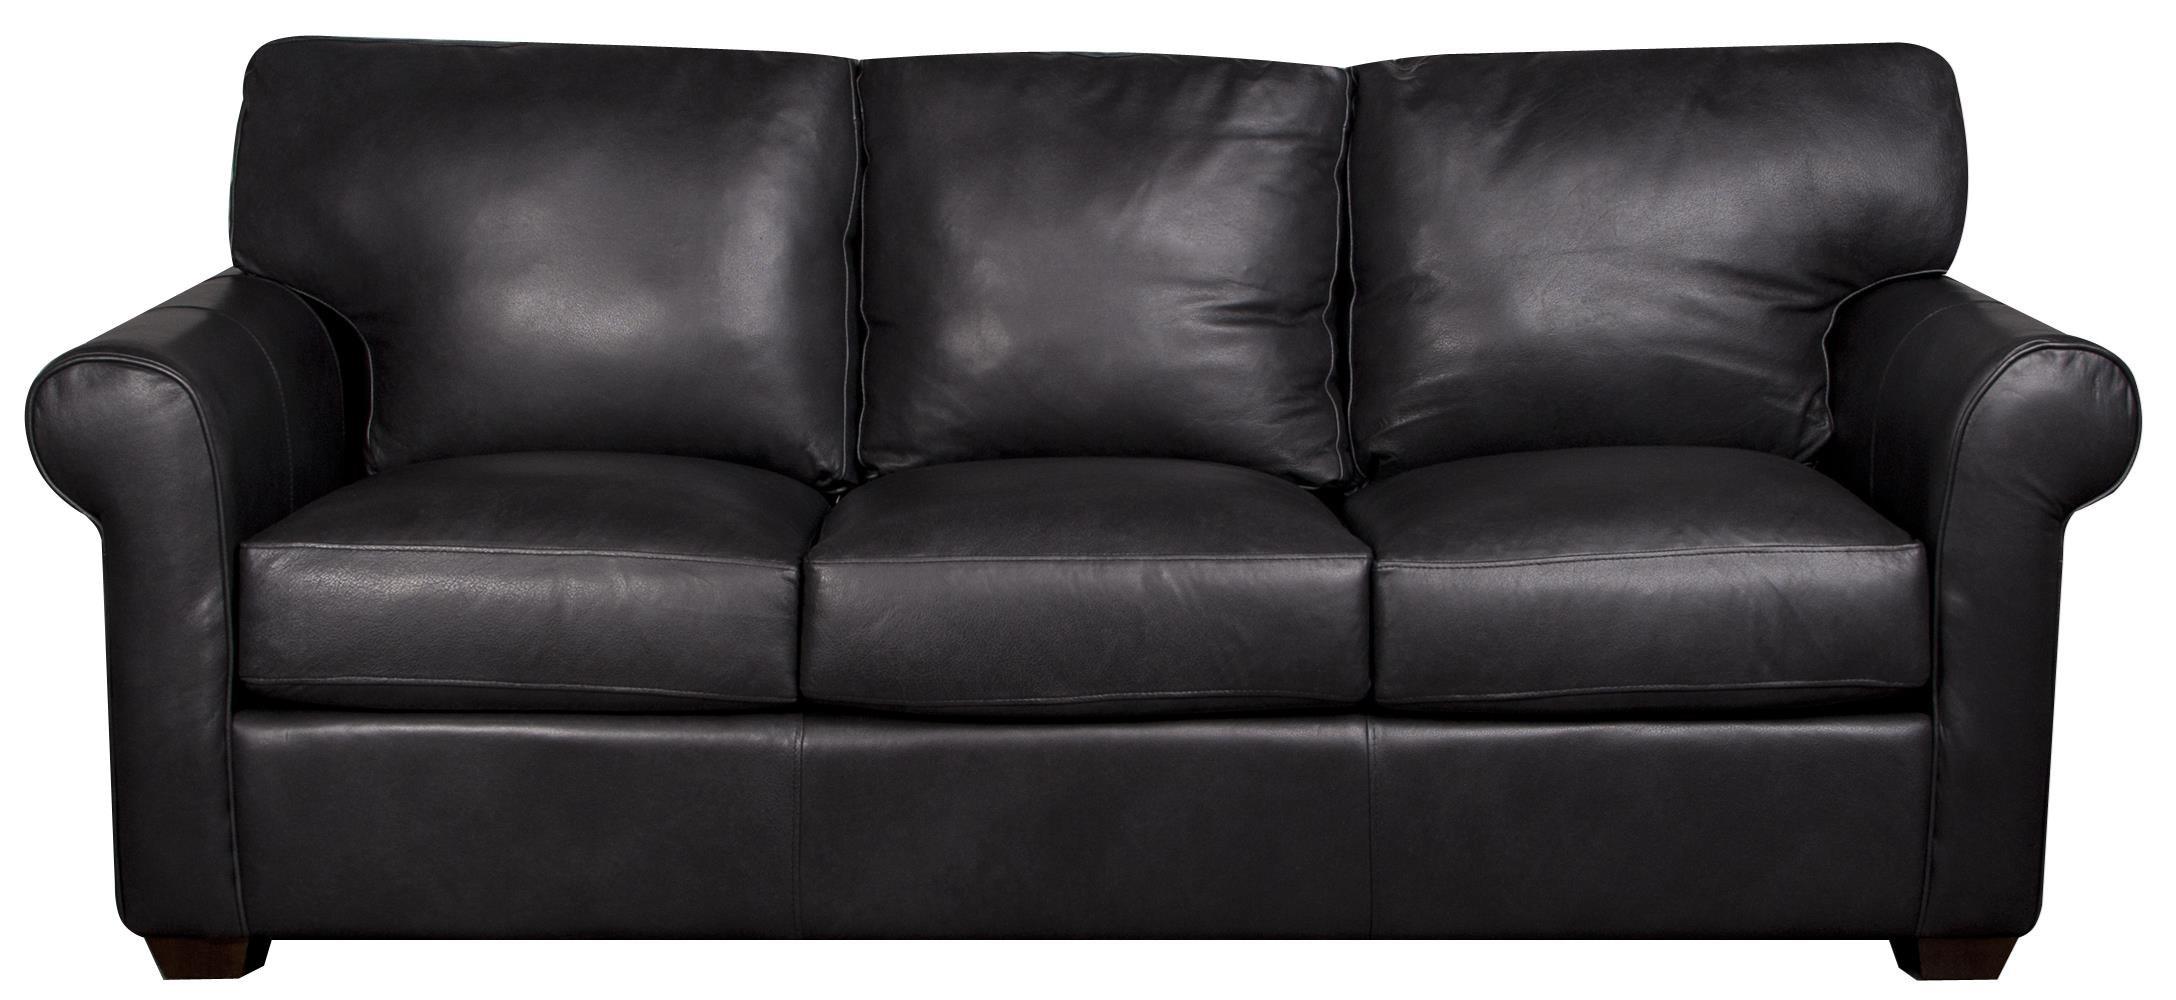 Elliston Place Eloise Eloise 100% Leather Sofa - Item Number: 782695528